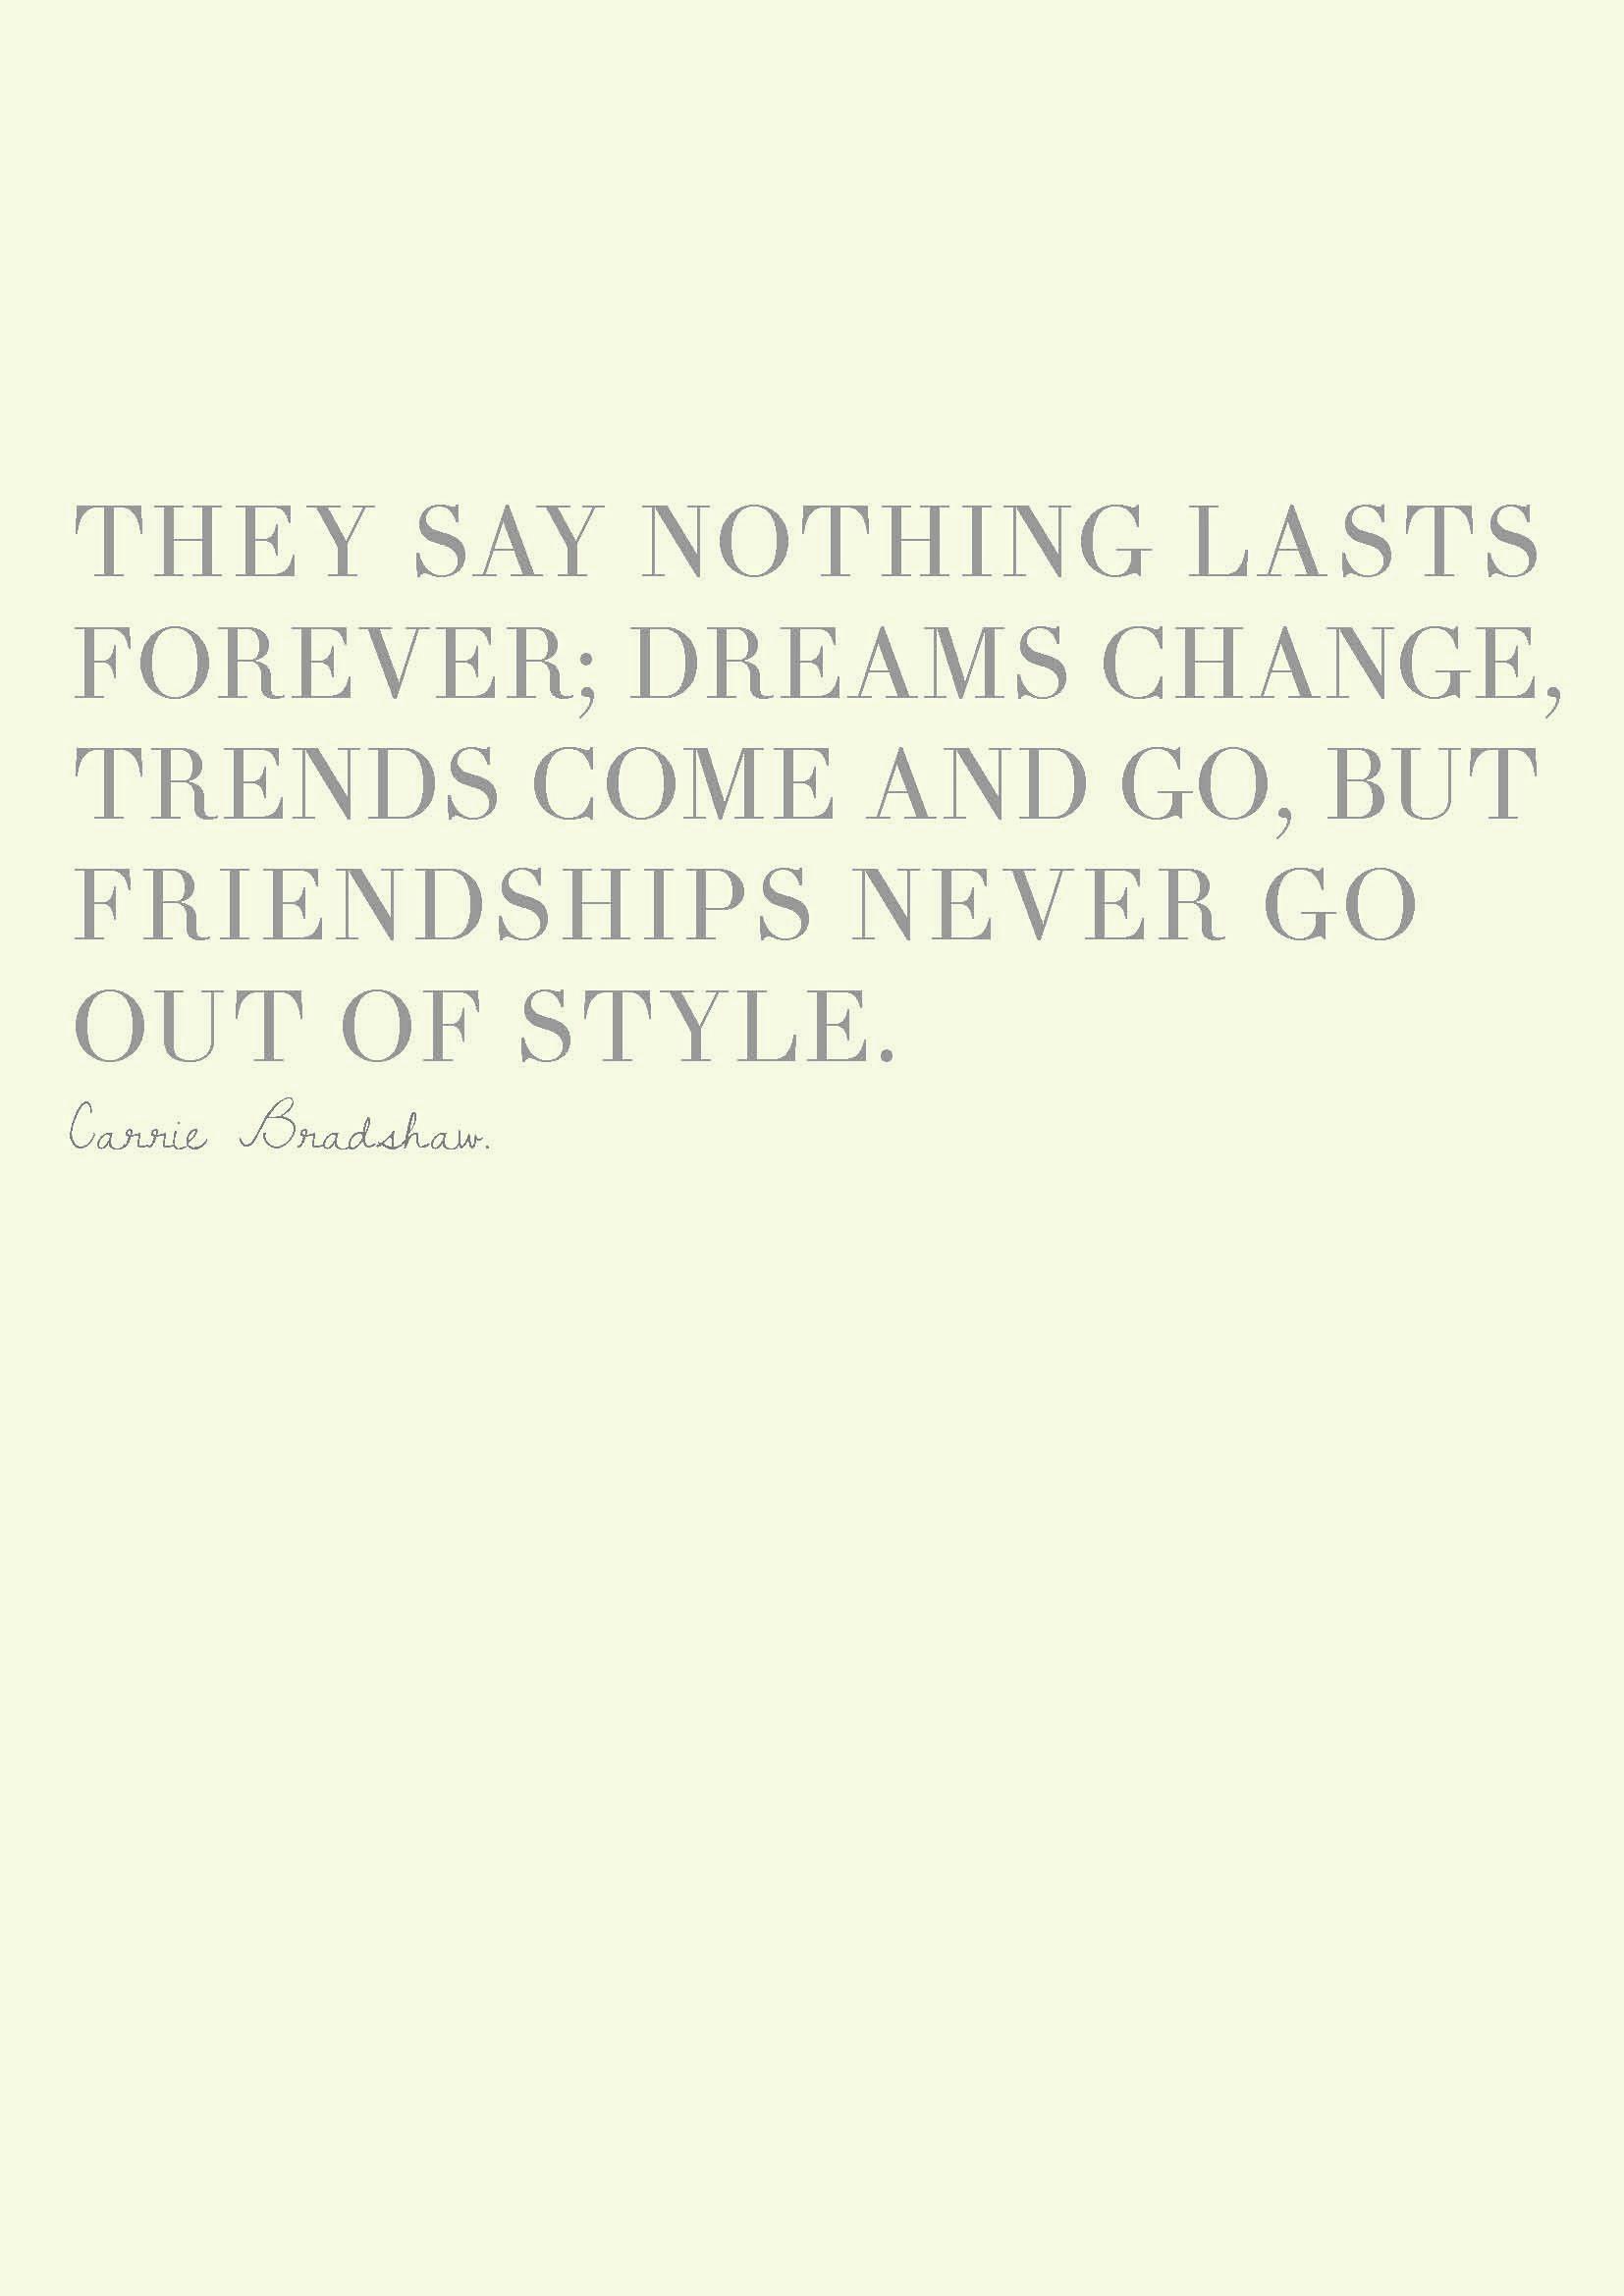 carrie bradshaw quotes carrie bradshaw quotes best friendship